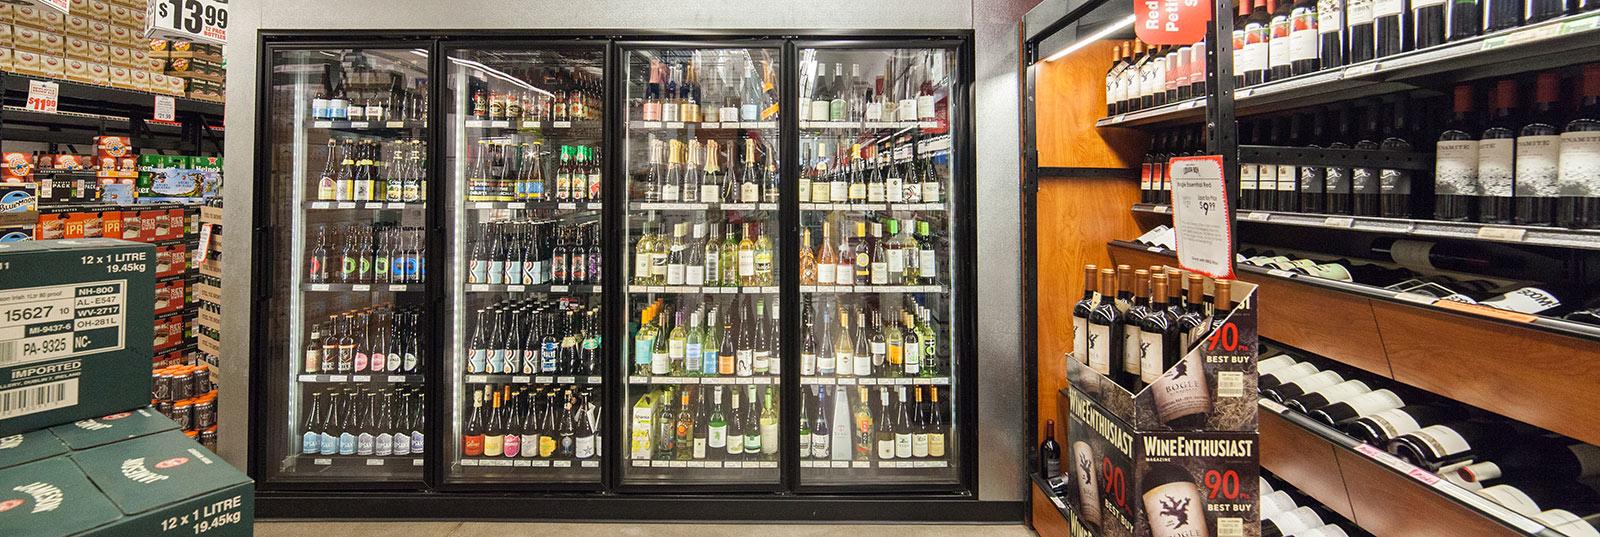 Liquor Boy Wine Spirits Beer Wine Spirits Delivery In